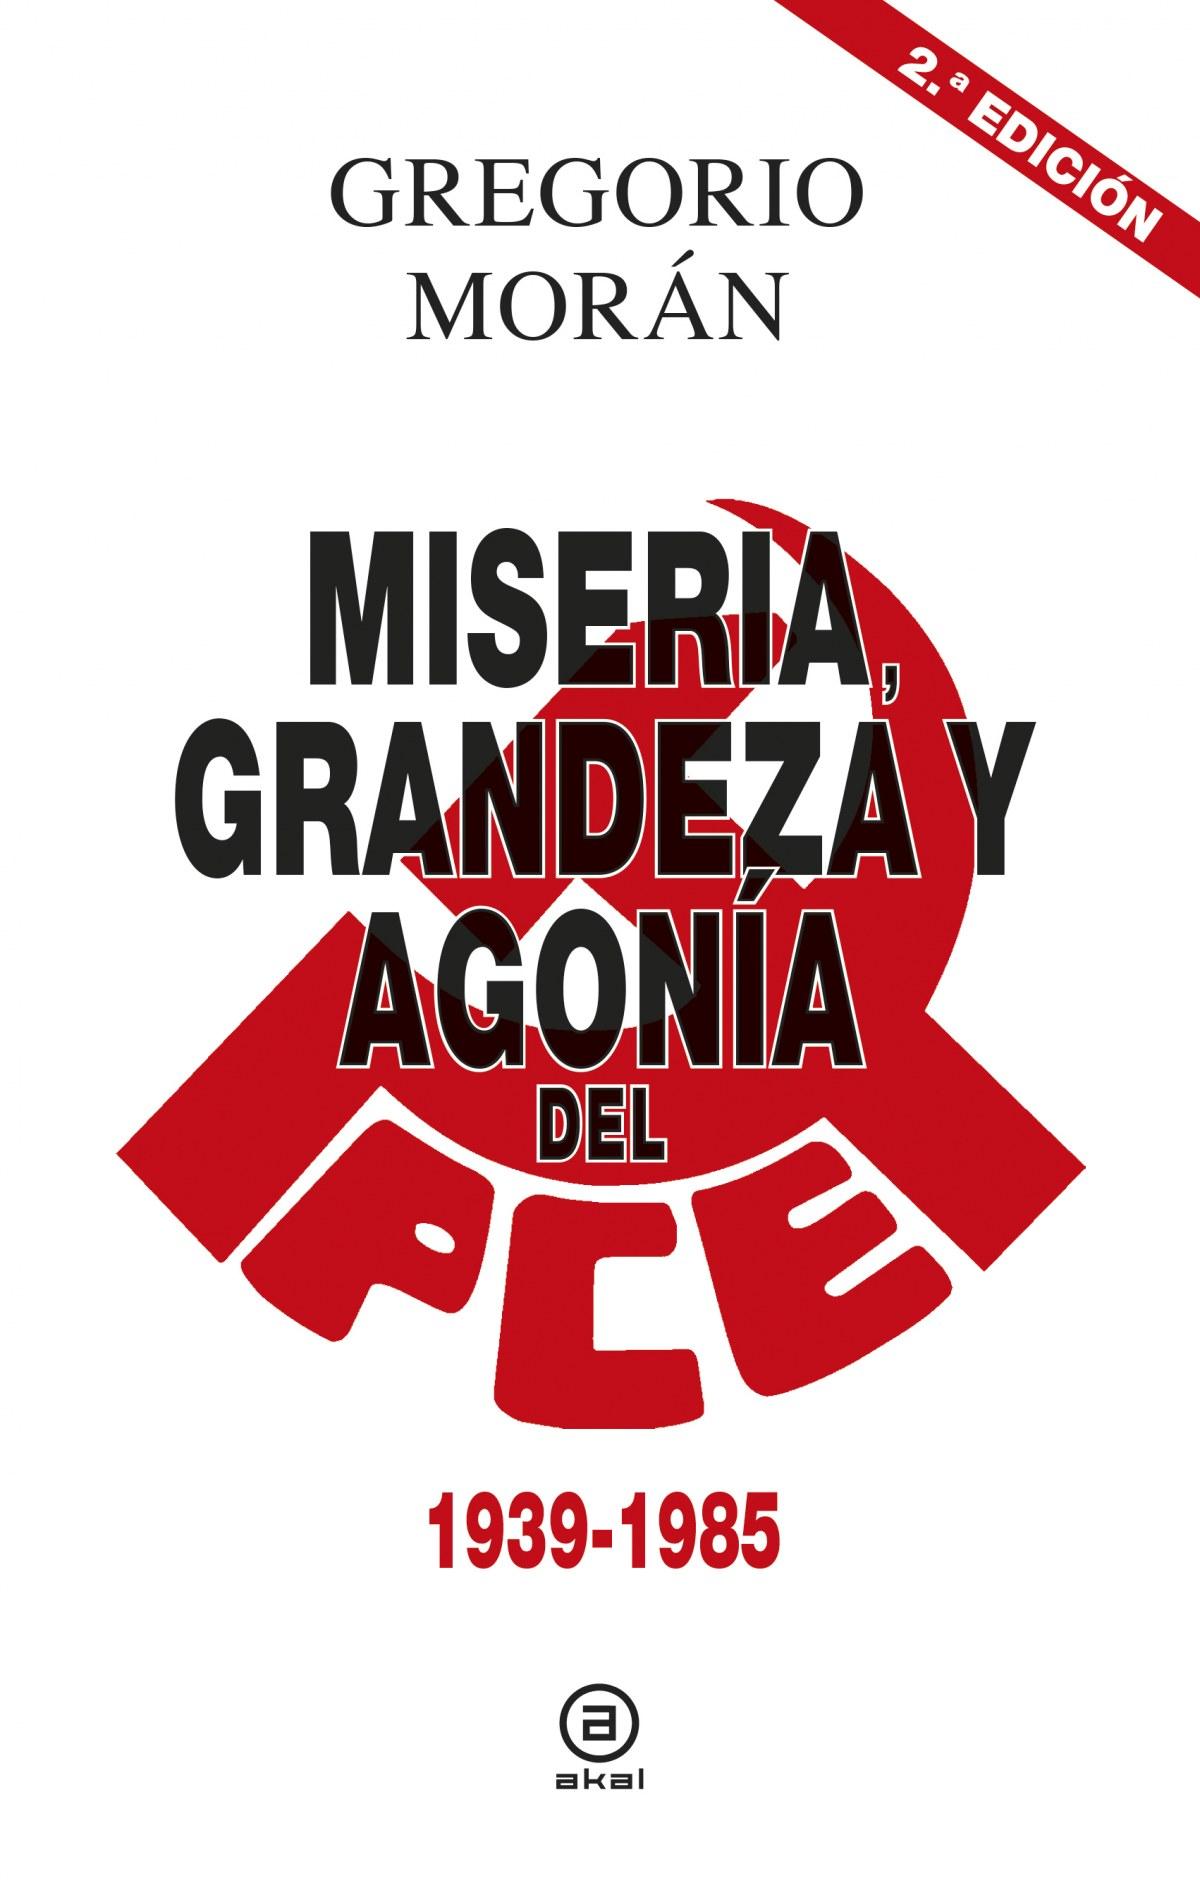 MISERIA, GRANDEZA Y AGON-A DEL PARTIDO COMUNISTA DE ESPAñA 9788446043119